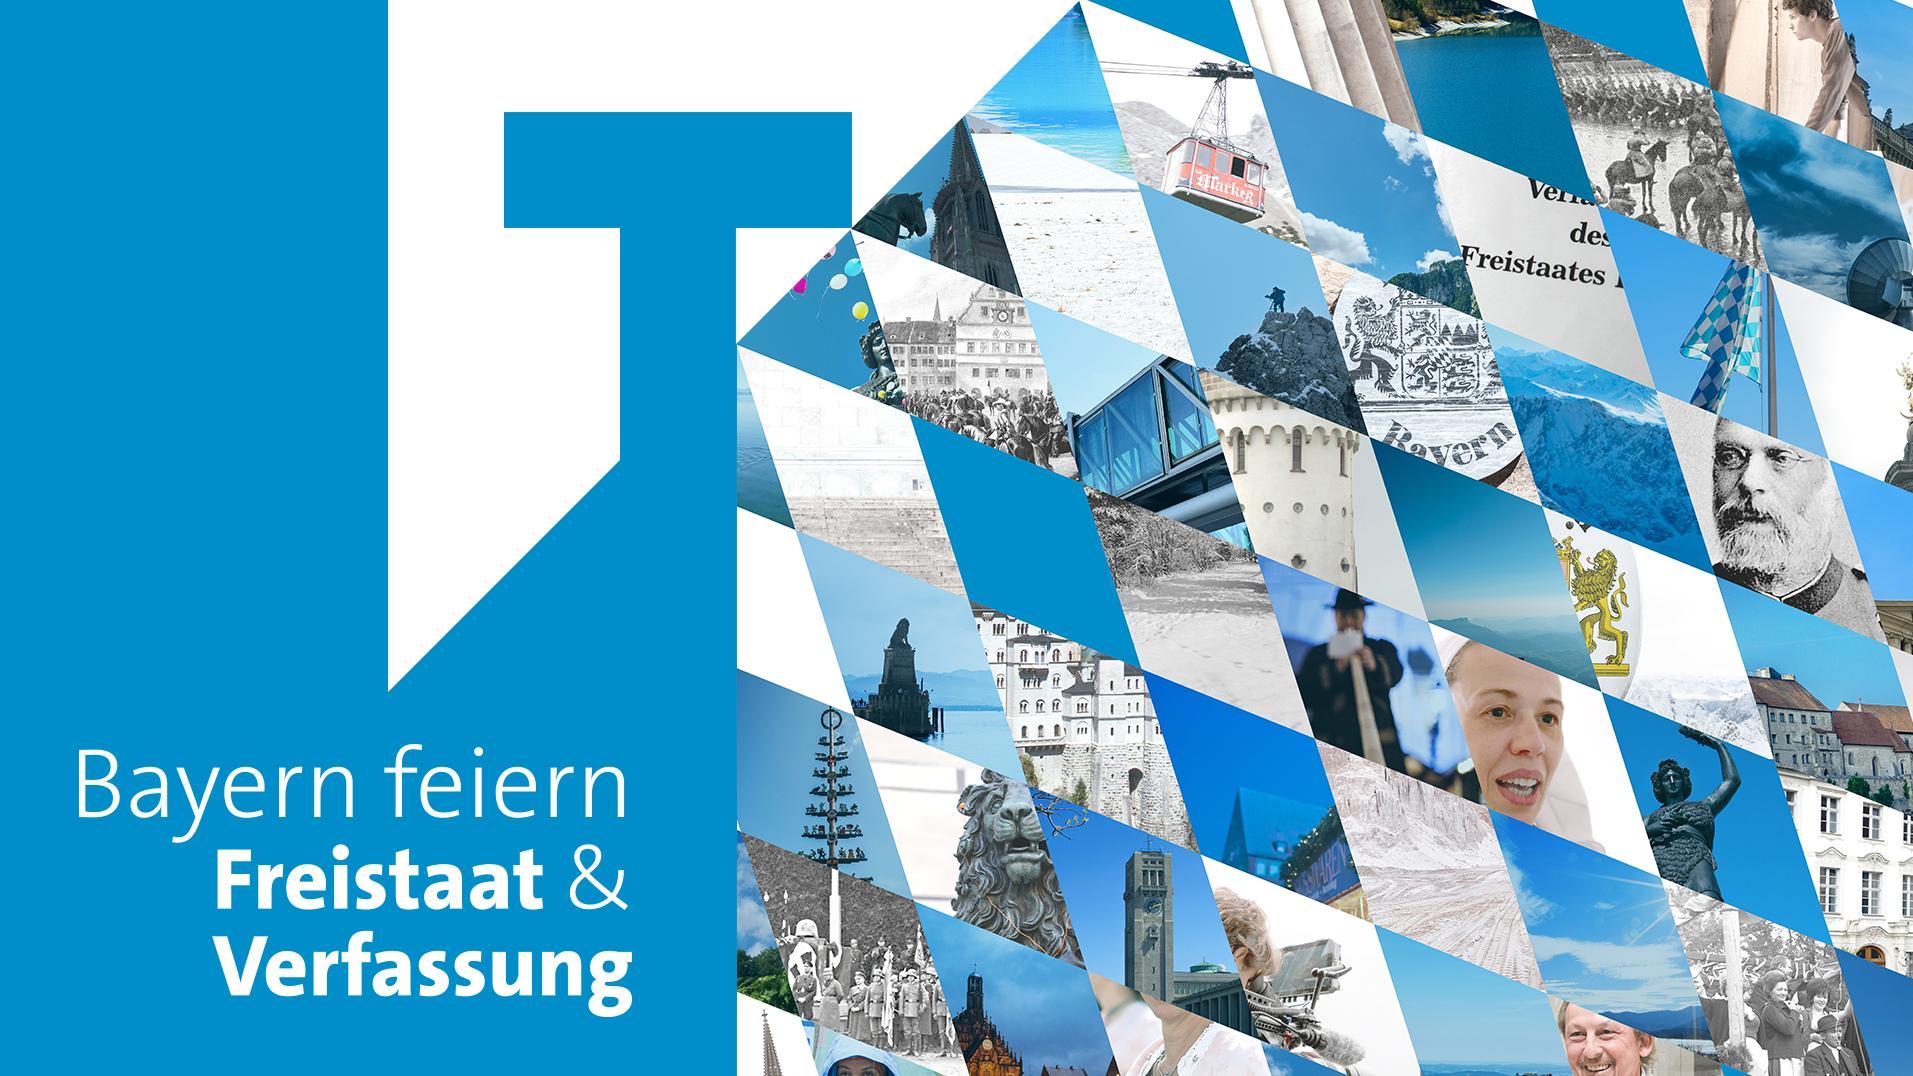 Logo Freistaat Bayern feiert Jubiläen von Freistaat und Verfassung